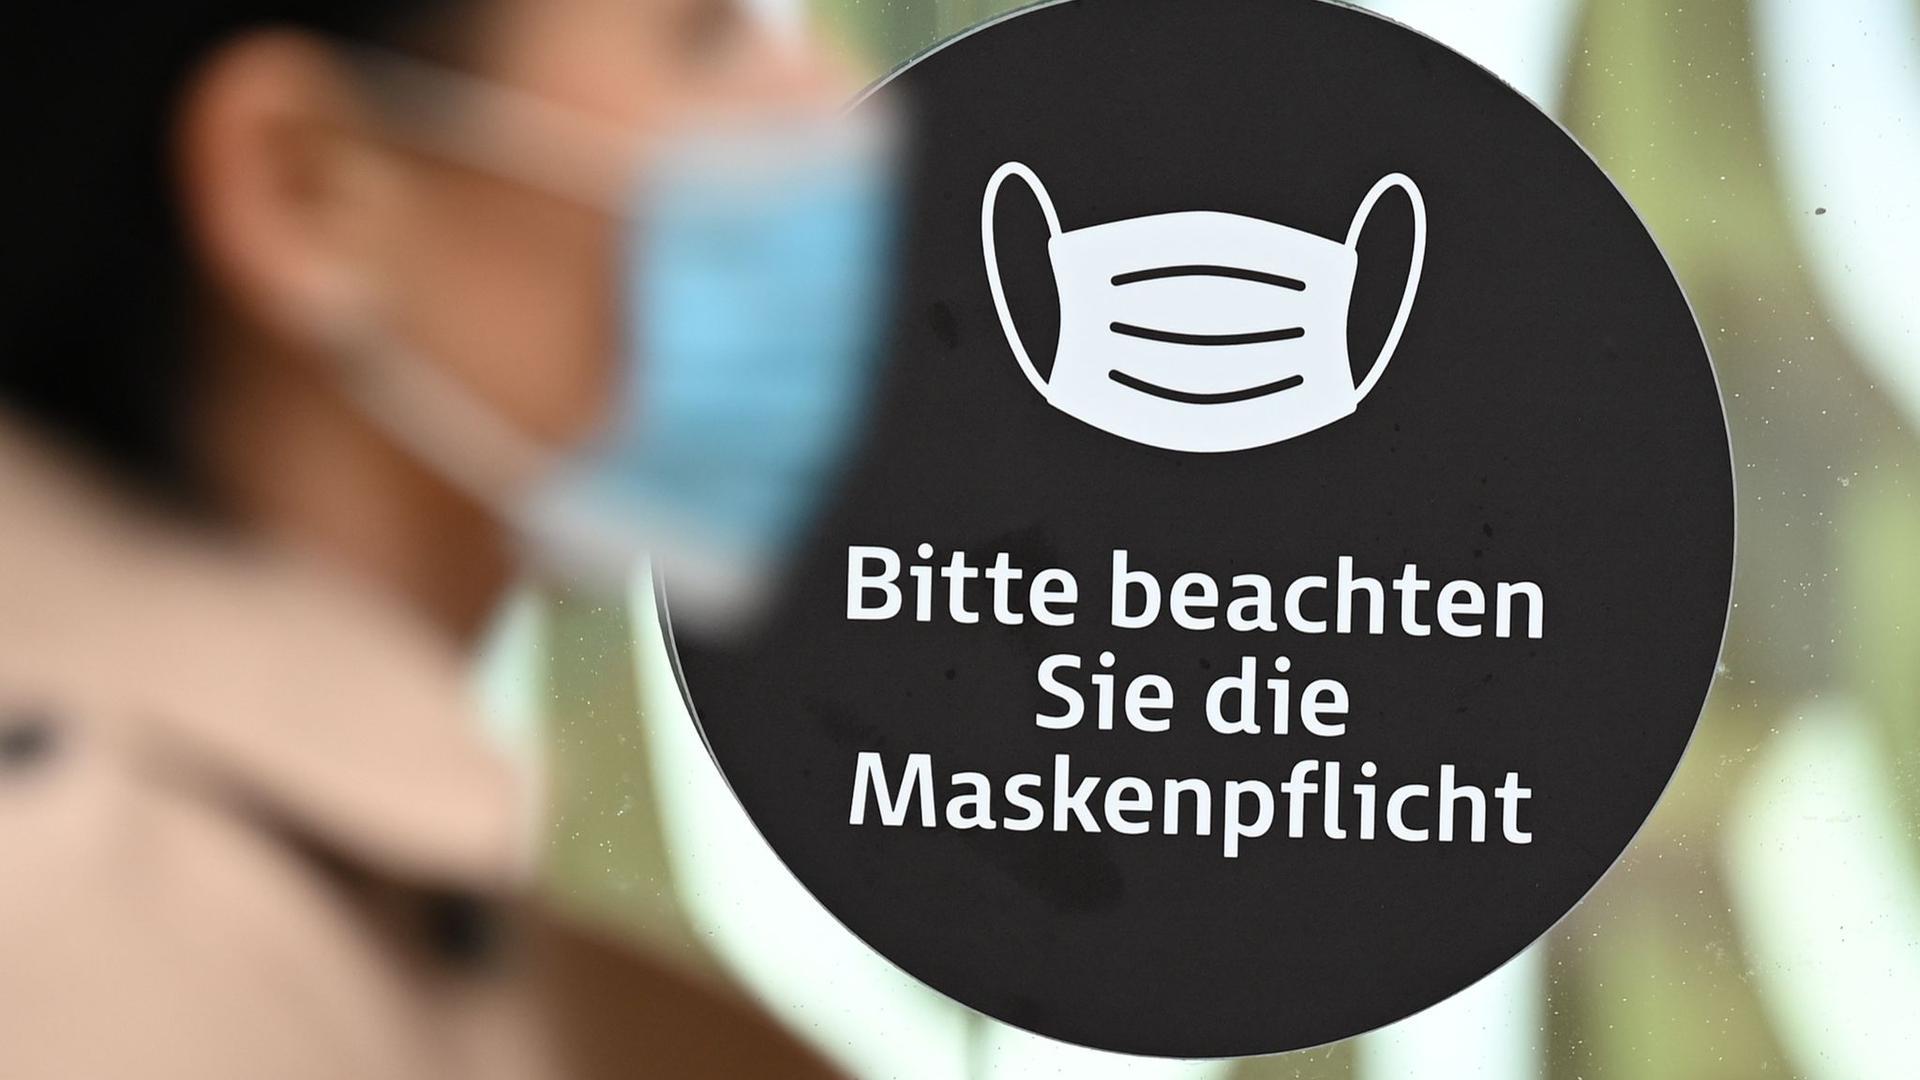 Eine verschärfte Maskenpflicht gilt seit Montag auch in Baden-Württemberg.